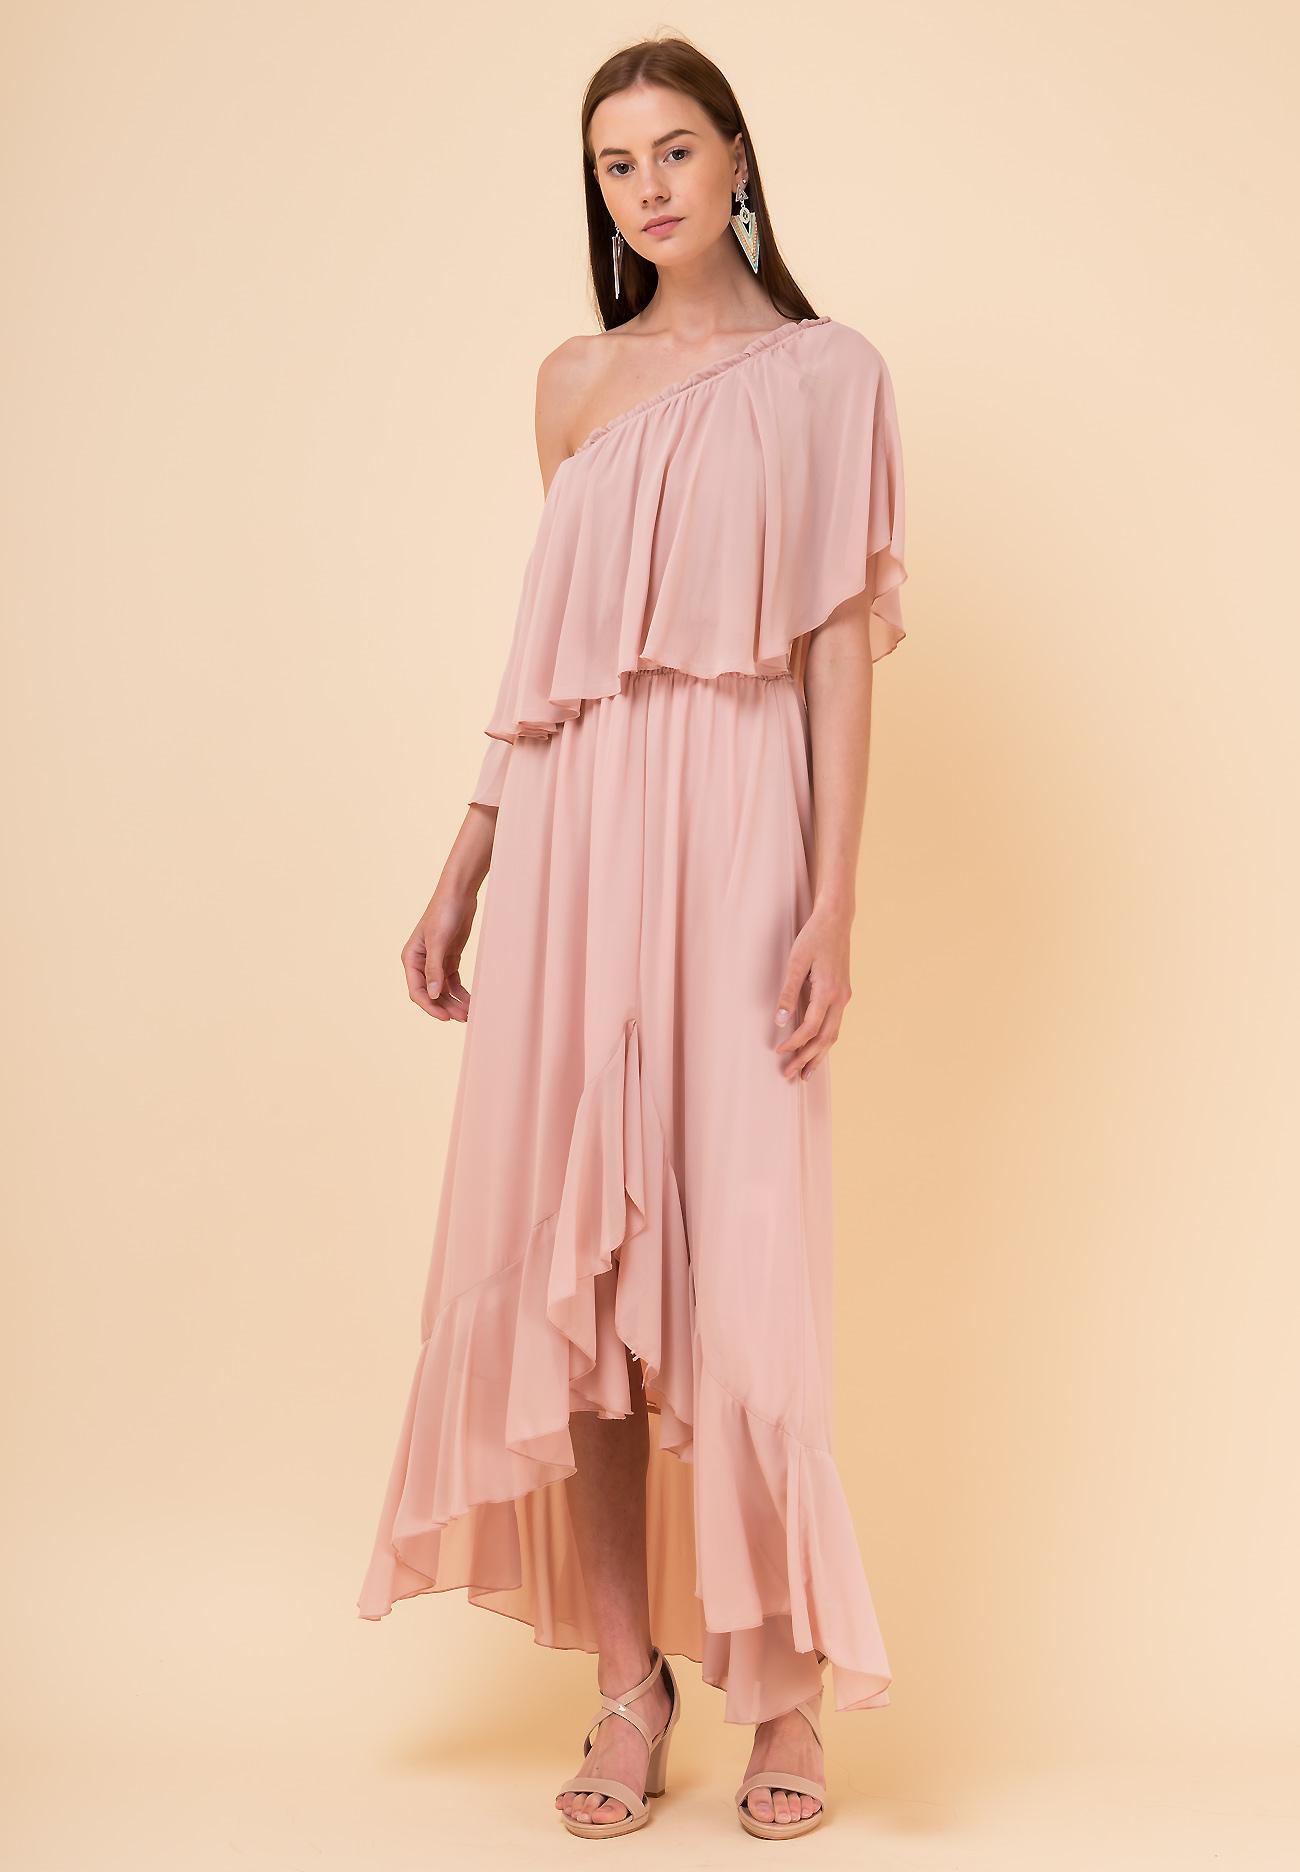 33a399fc54e Μακρύ φόρεμα με έναν ώμο - ZIC ZAC